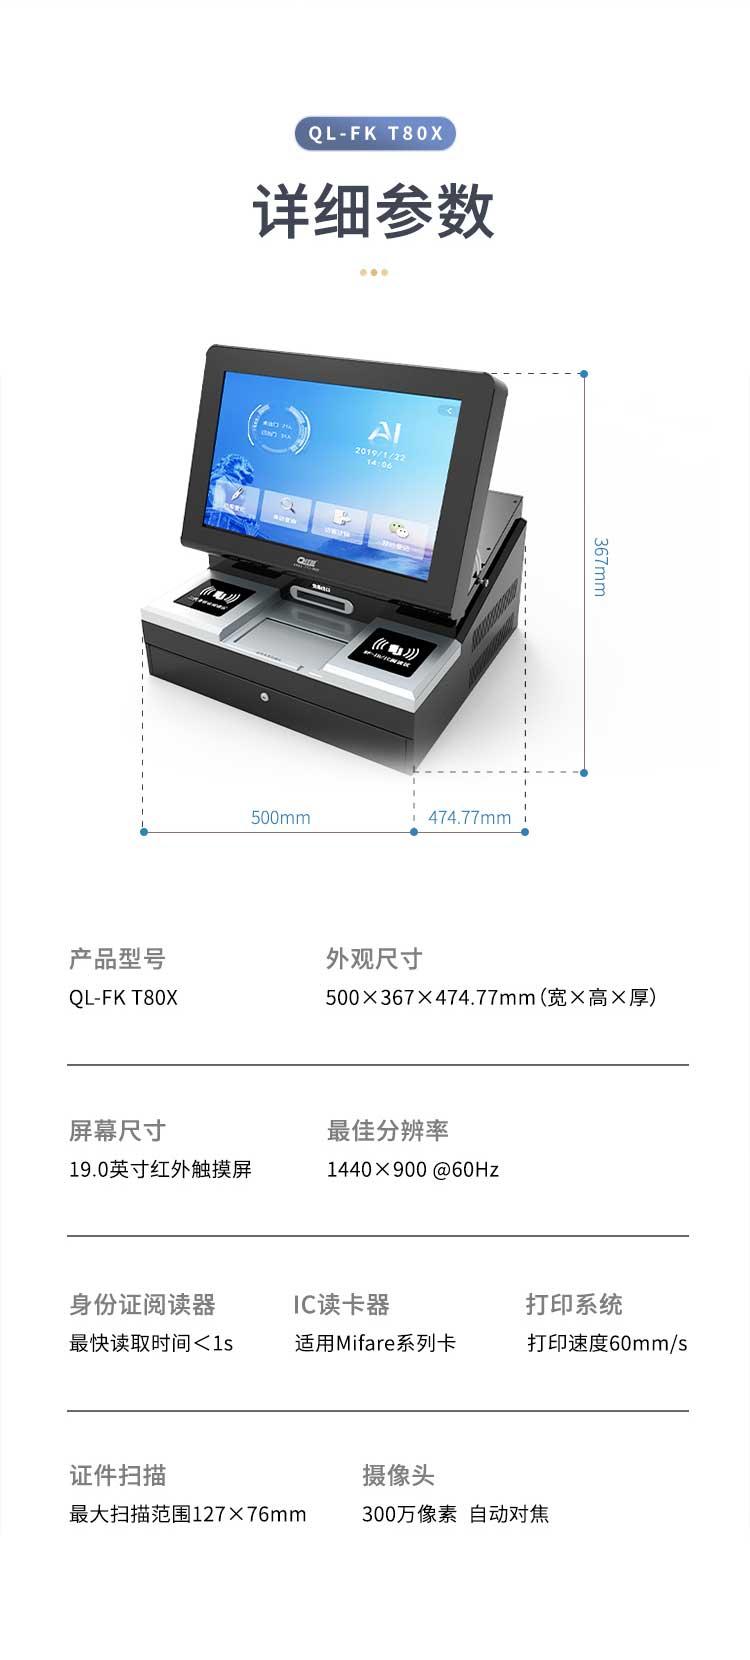 QL-FK T80X技术参数